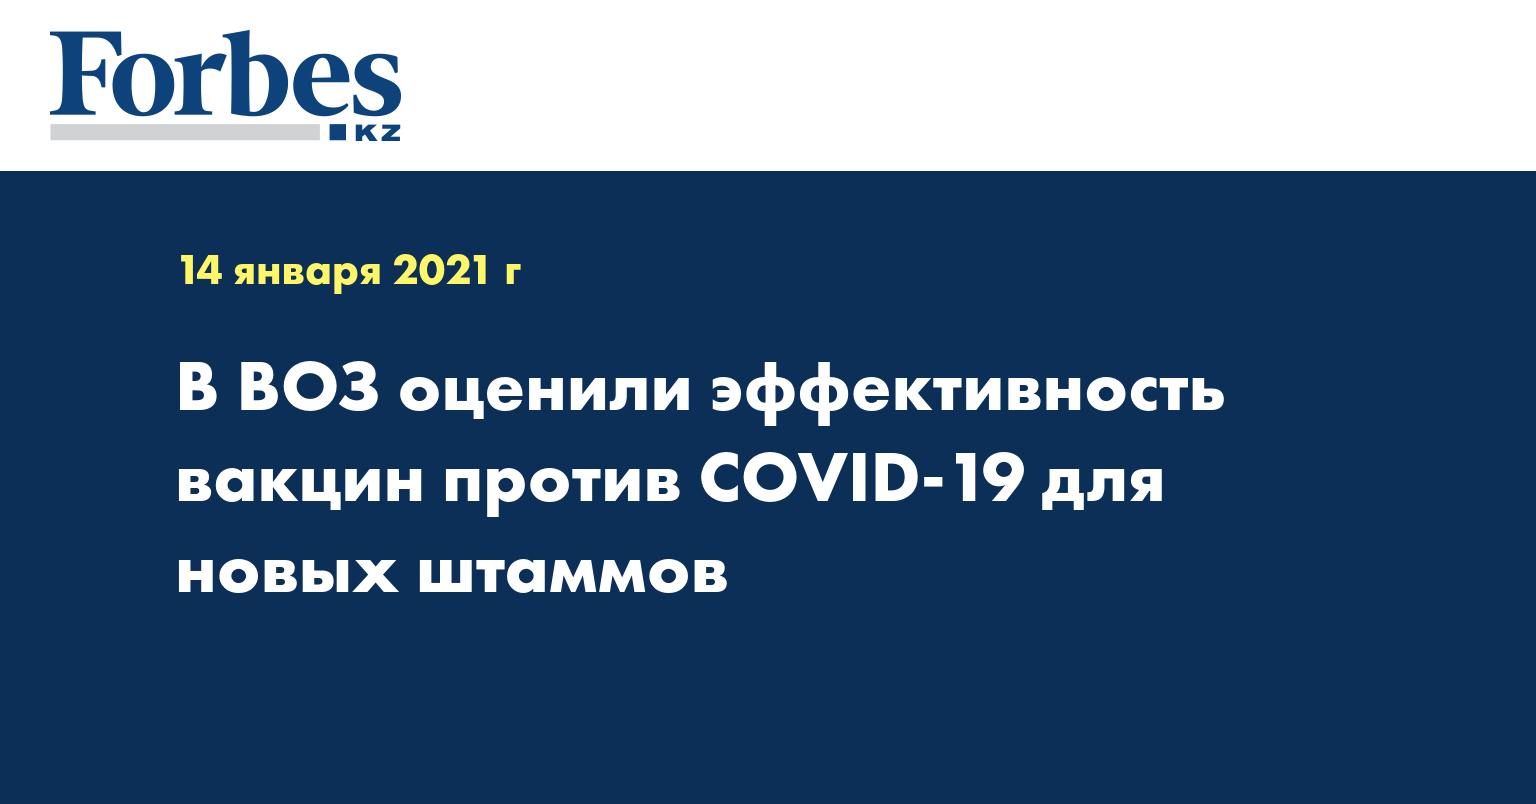 В ВОЗ оценили эффективность вакцин против COVID-19 для новых штаммов